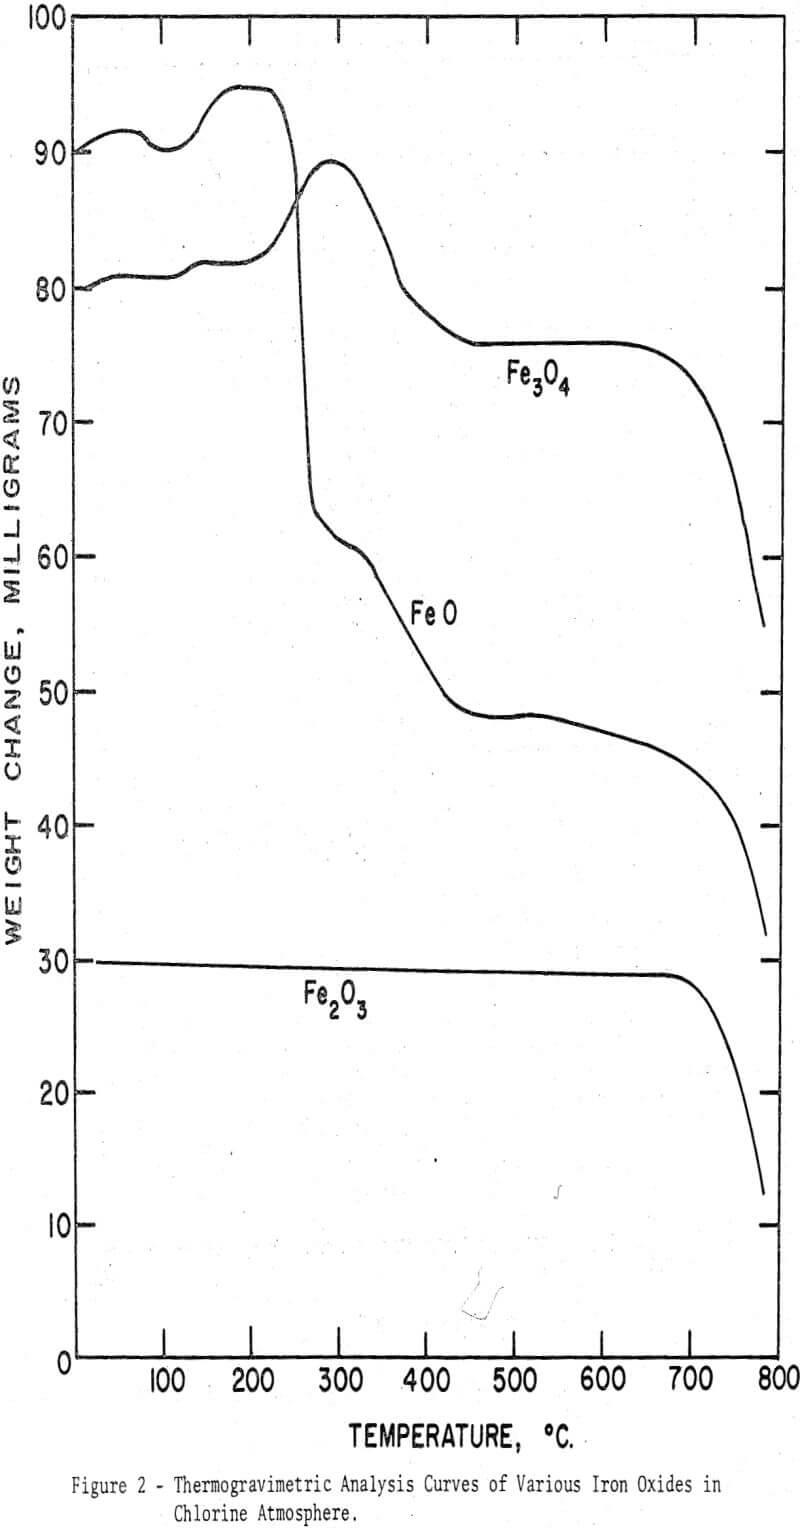 iron-ores thermogravimetric analysis curves